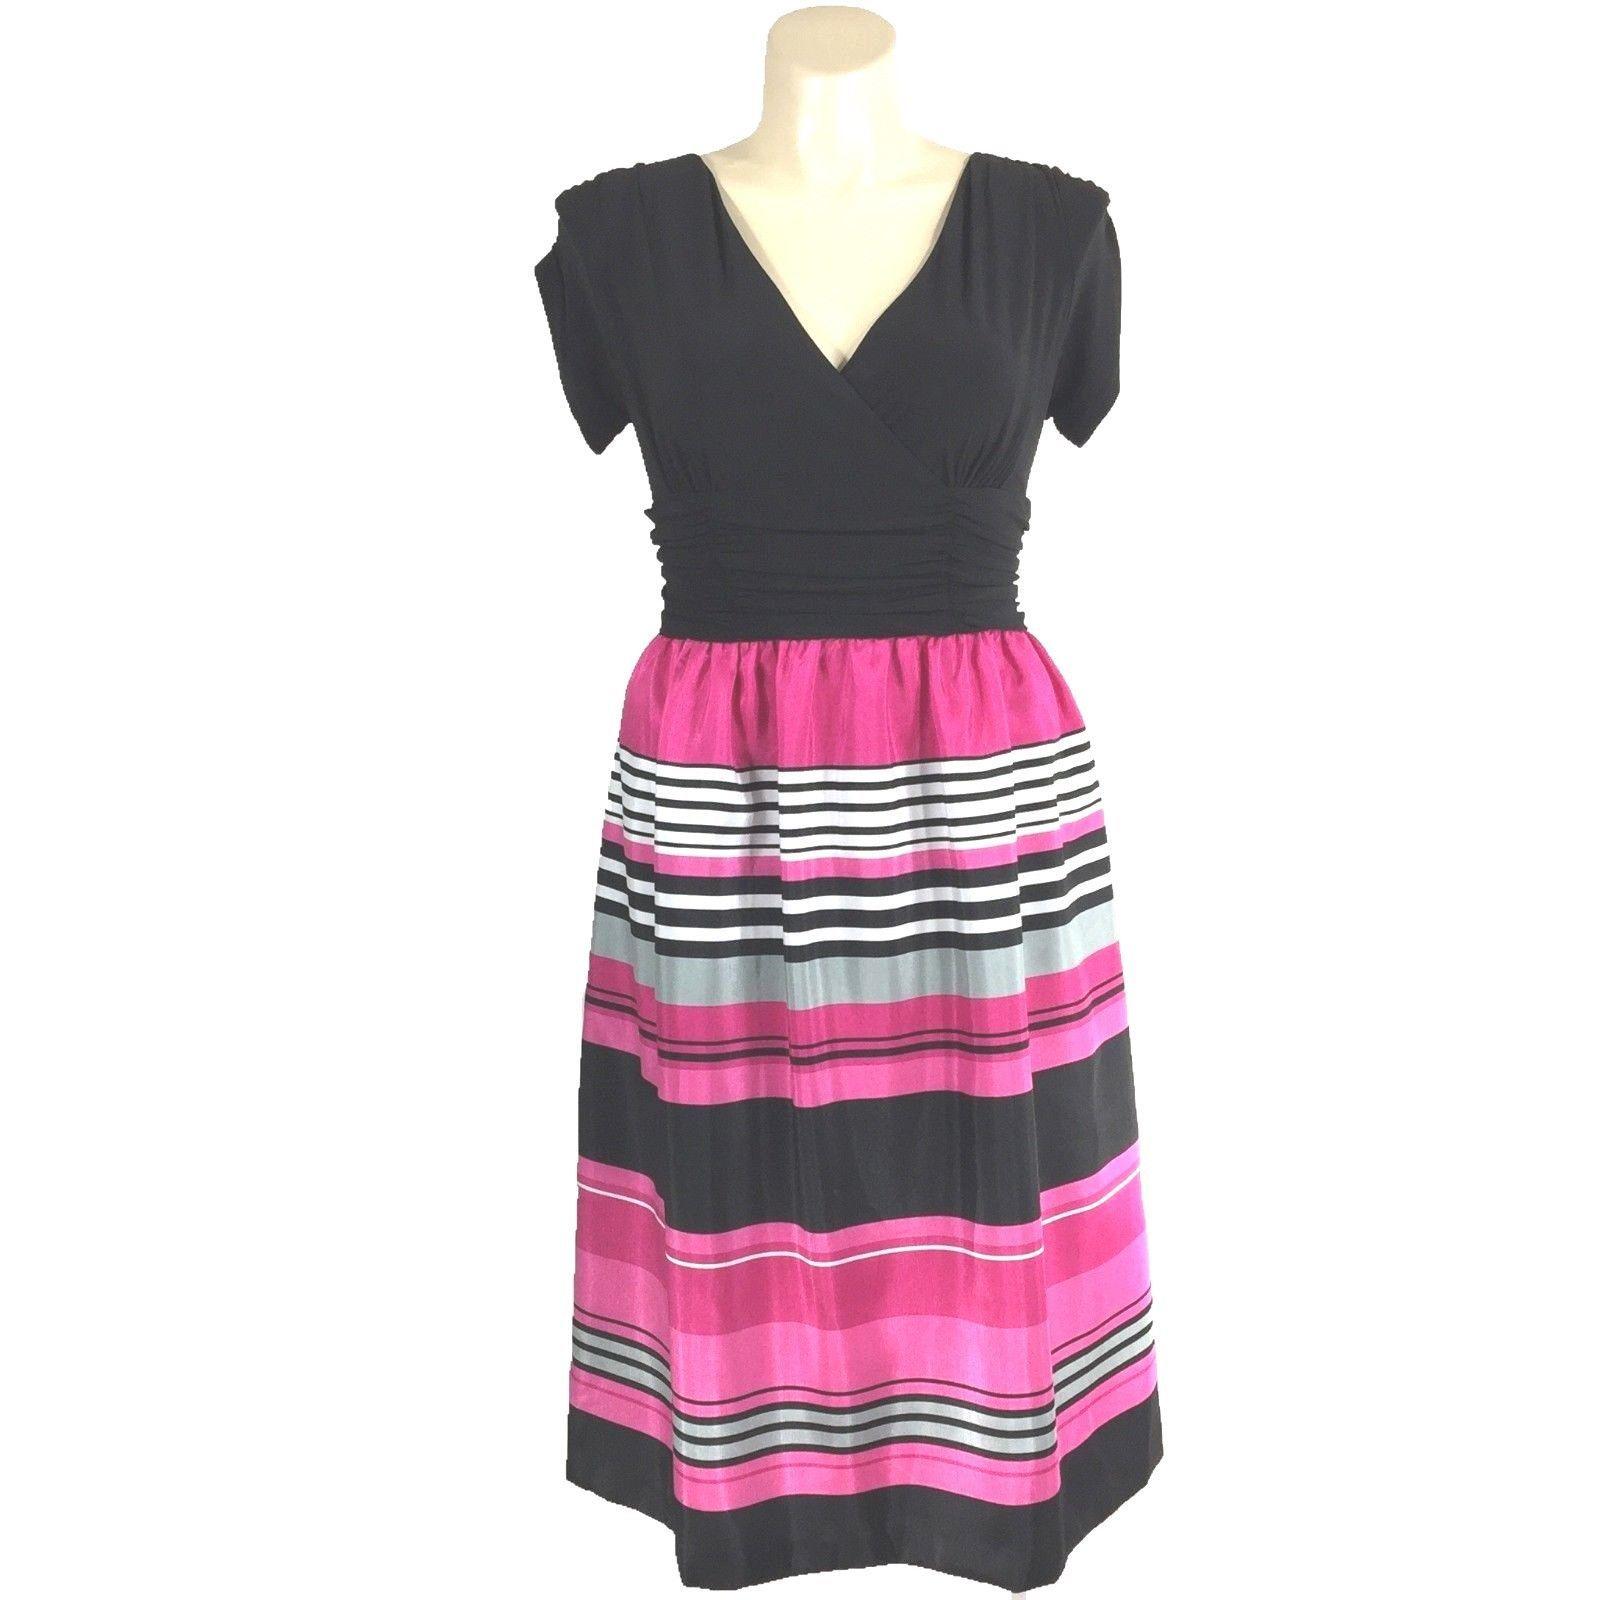 8e62d1e48b9 14 Woman Dress DRESSBARN Black Wrap Full Midi Pink Gray Stripe Skirt Party  XL LN - $19.95